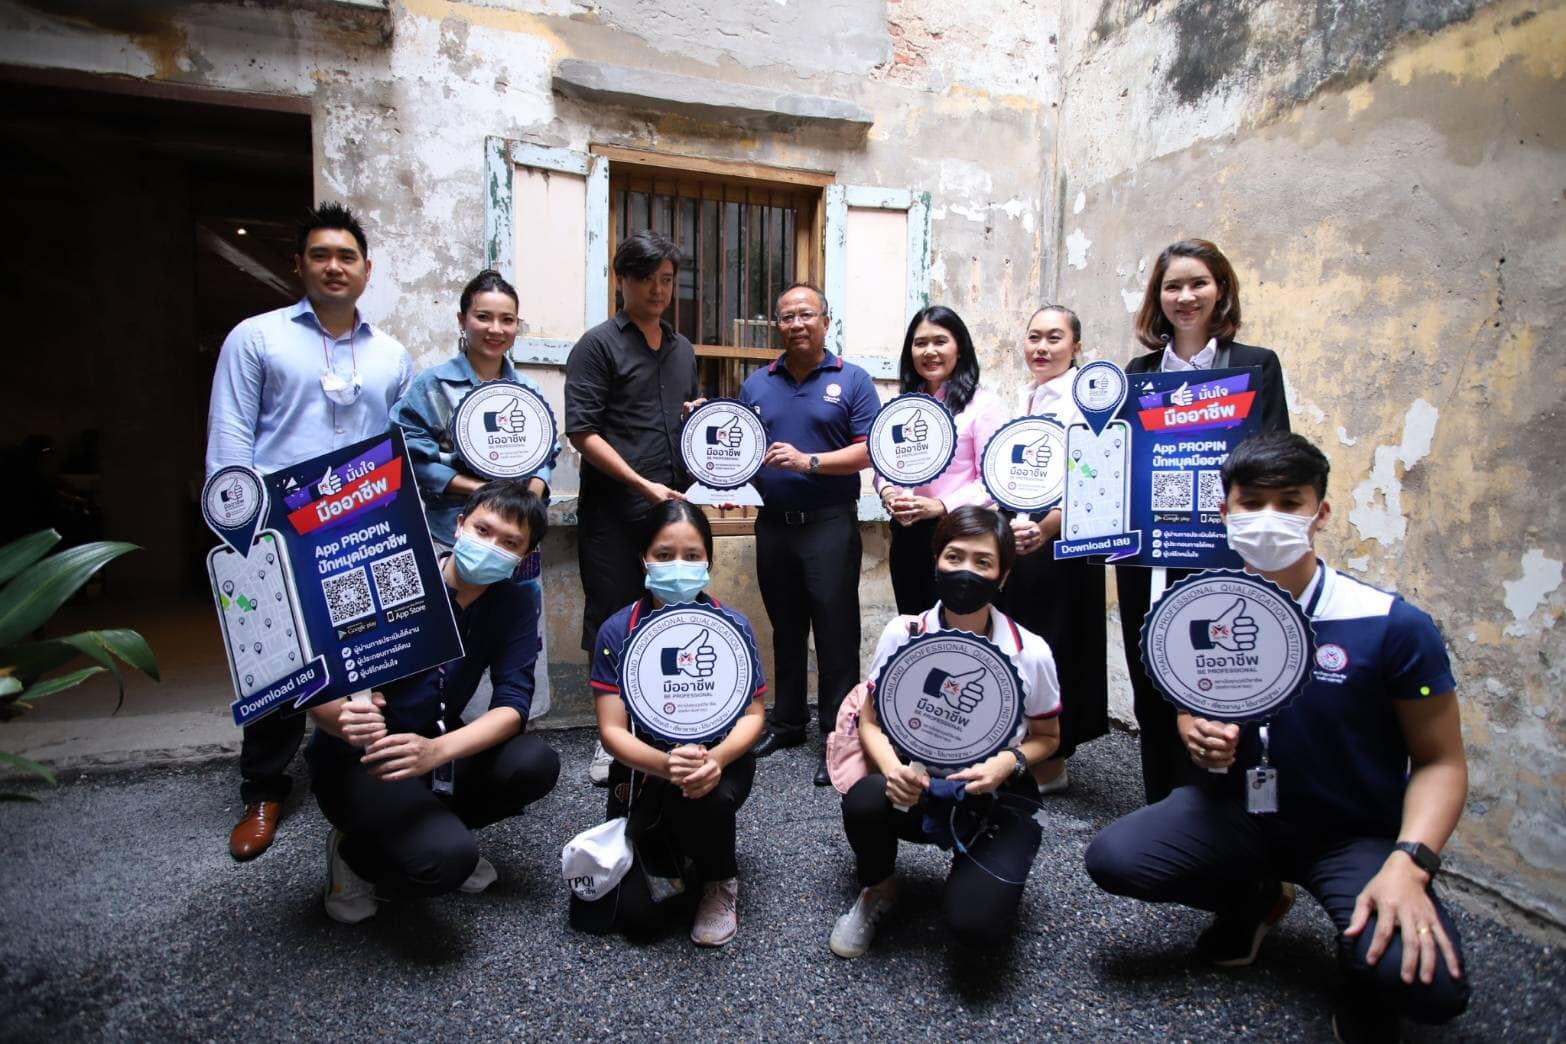 3 ผู้บริหาร สคช. แท็กทีม ปะทะ ต้นหอม ศกุลตลา ตะลุยตลาดน้อย กับ Street Food On Tour In Bangkok